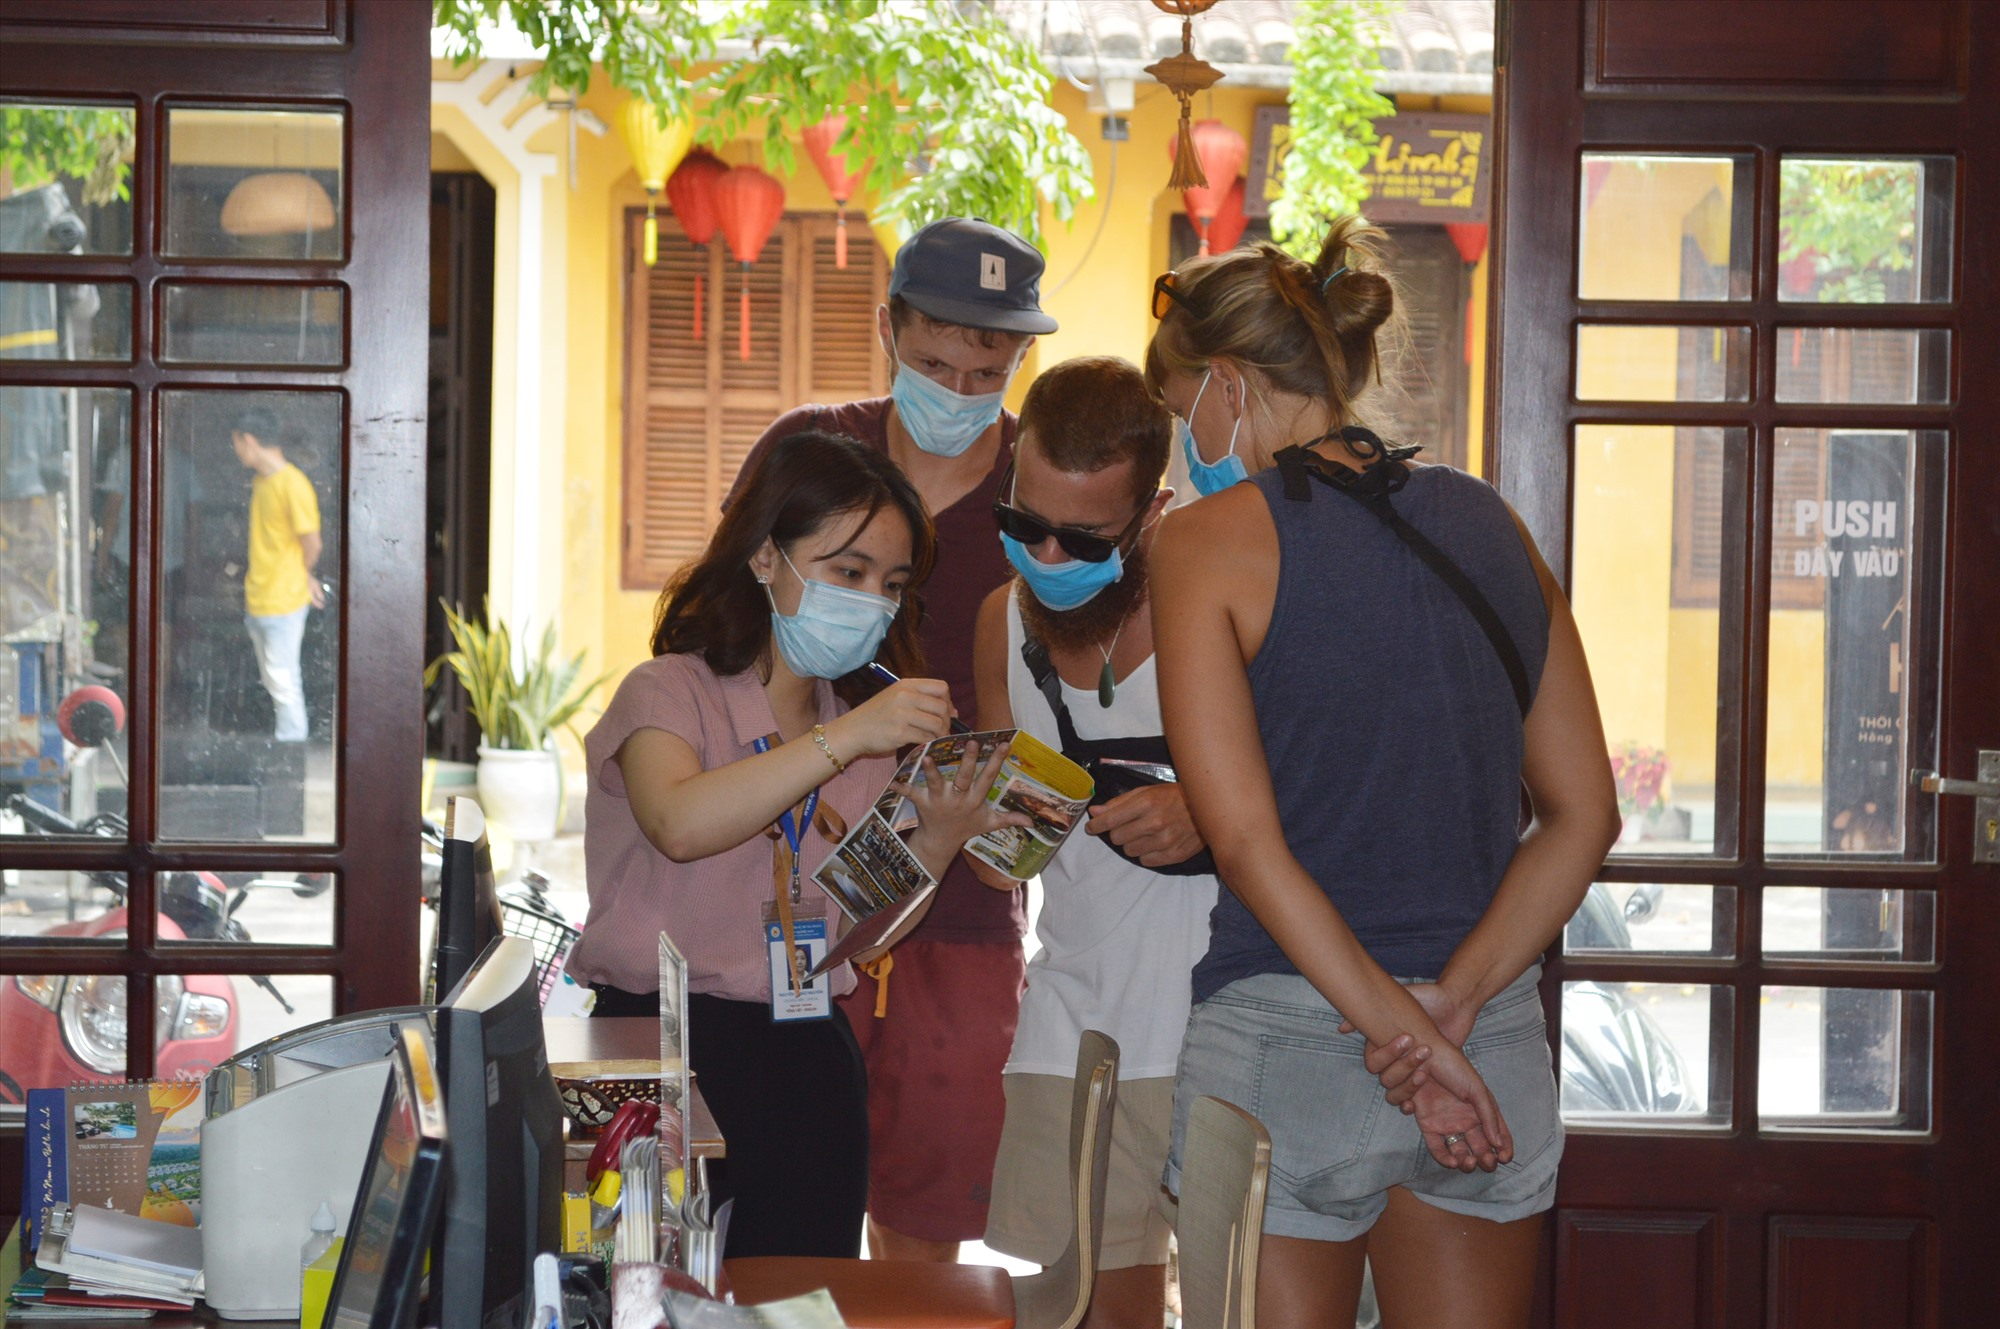 Quảng Nam sẽ là điểm đến an toàn mến khách sau đại dịch Covid-19. Ảnh:K.L